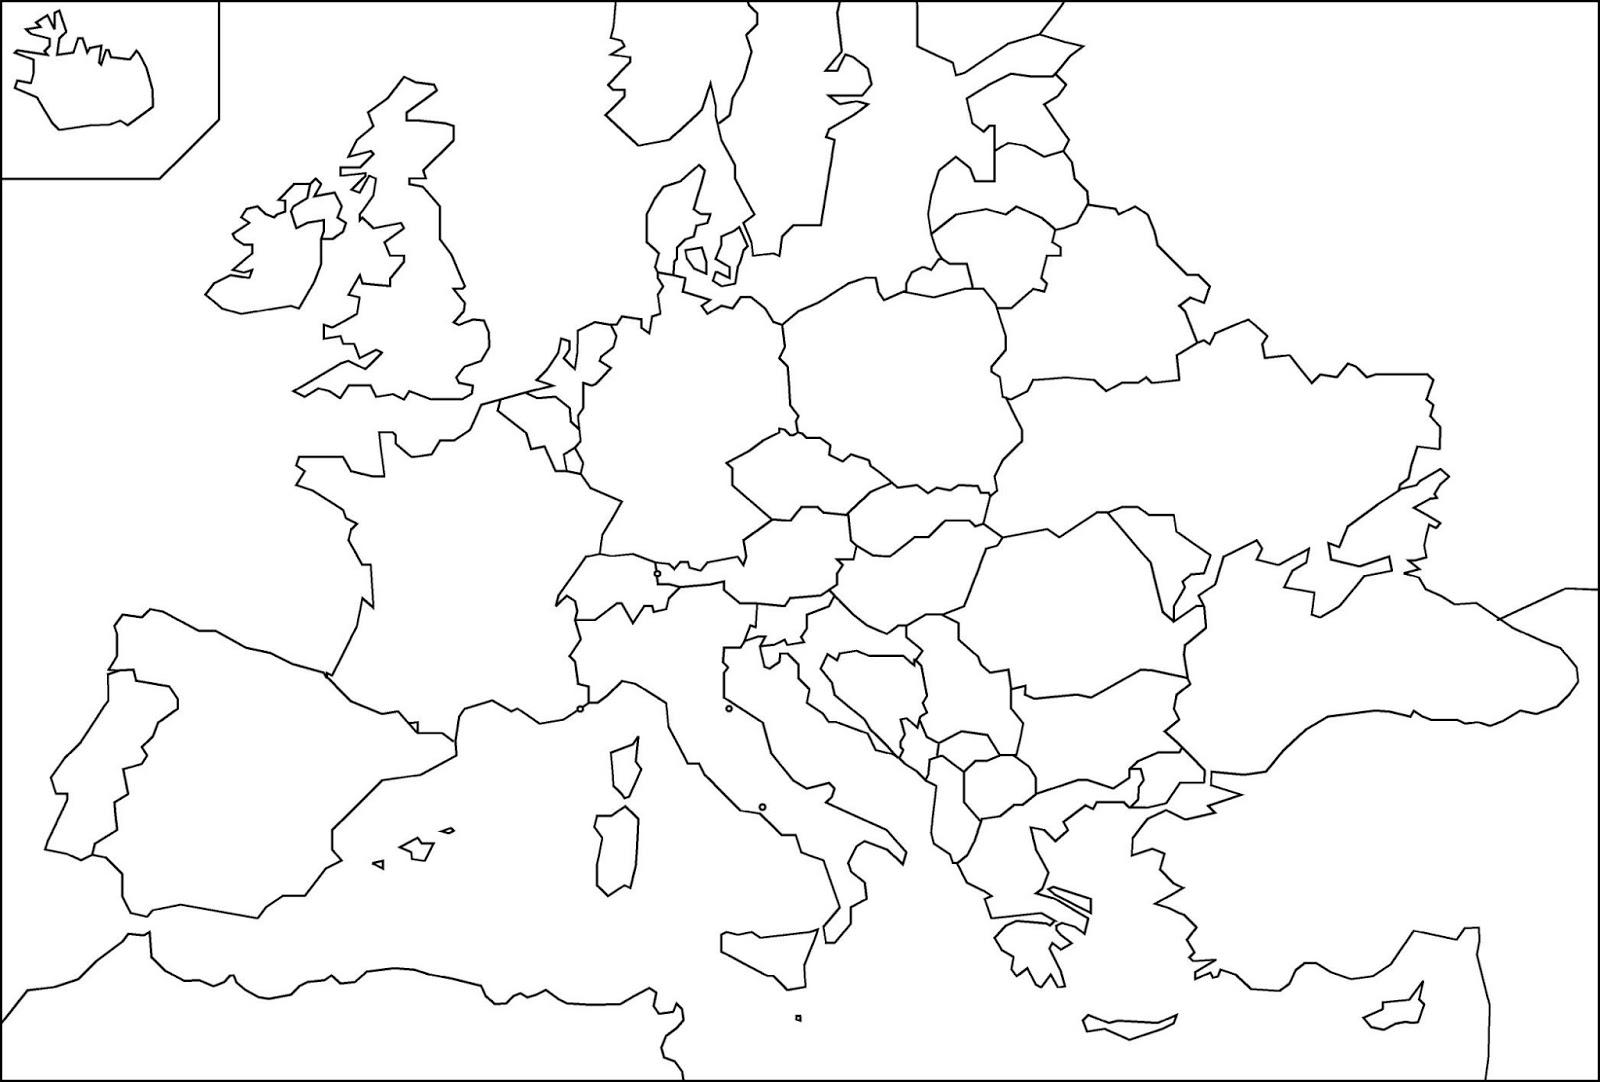 Cartina Europa Da Stampare.Cartina Muta Europa Da Stampare Acolore